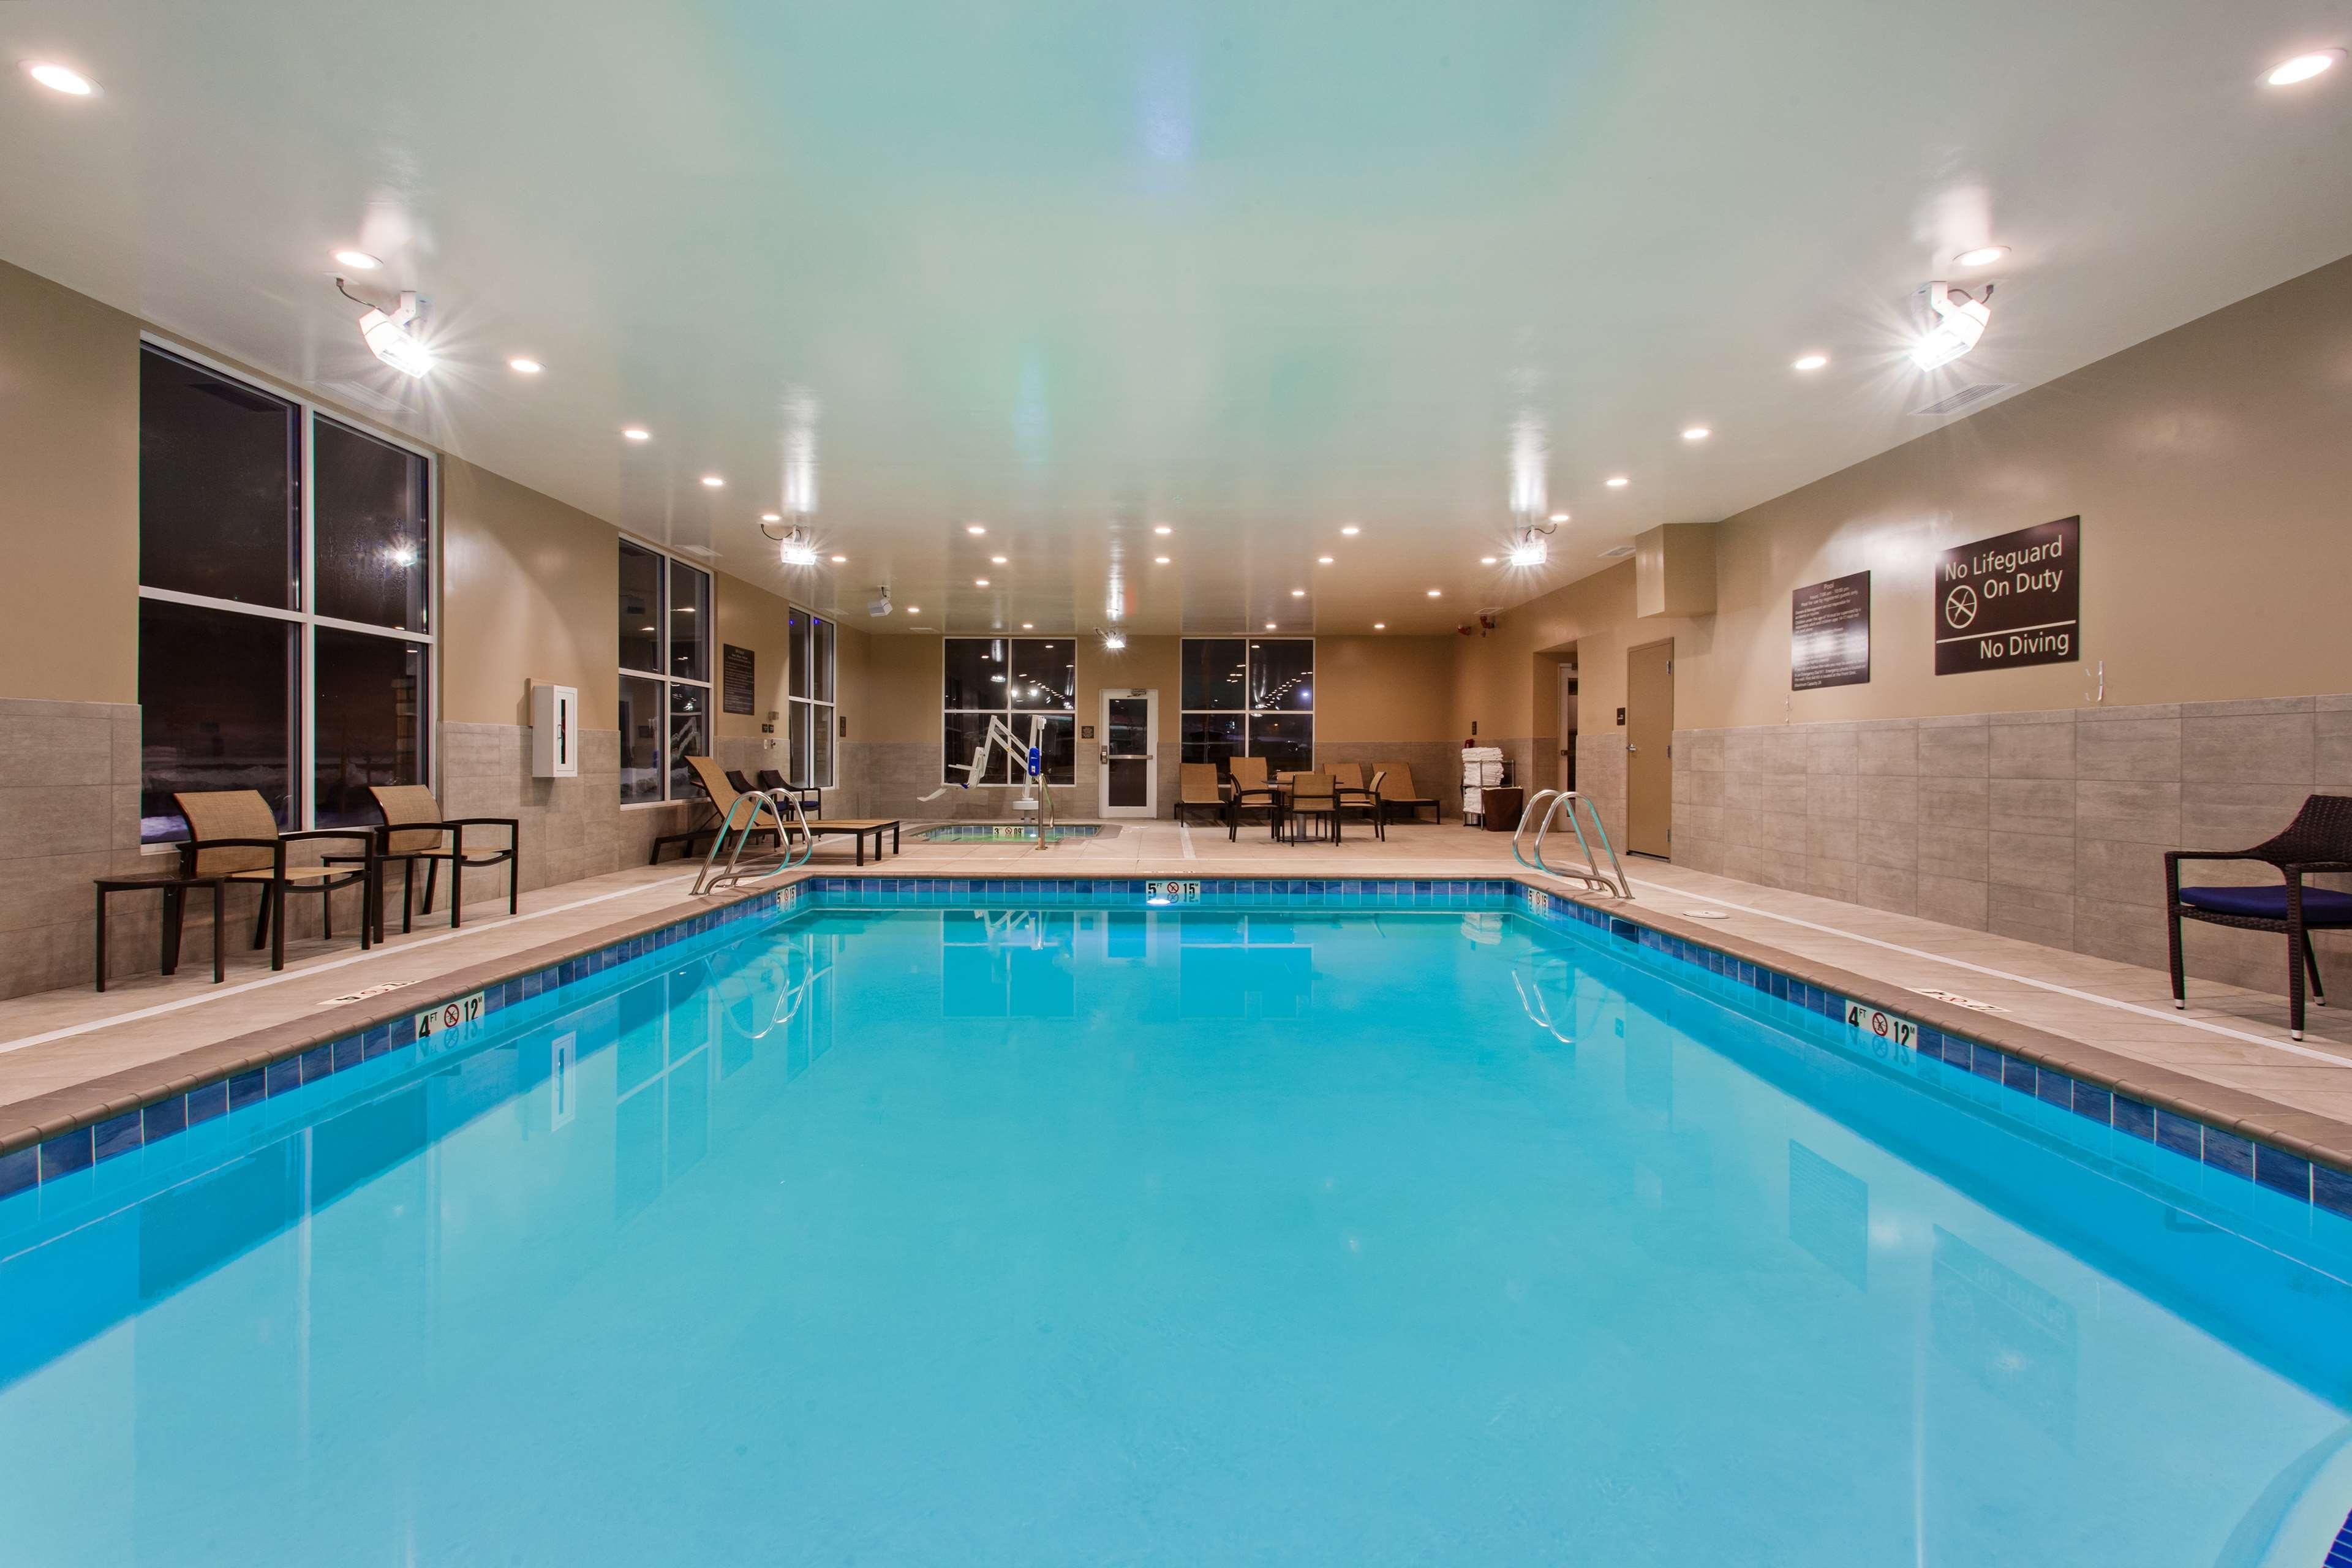 Hampton Inn & Suites Leavenworth image 7